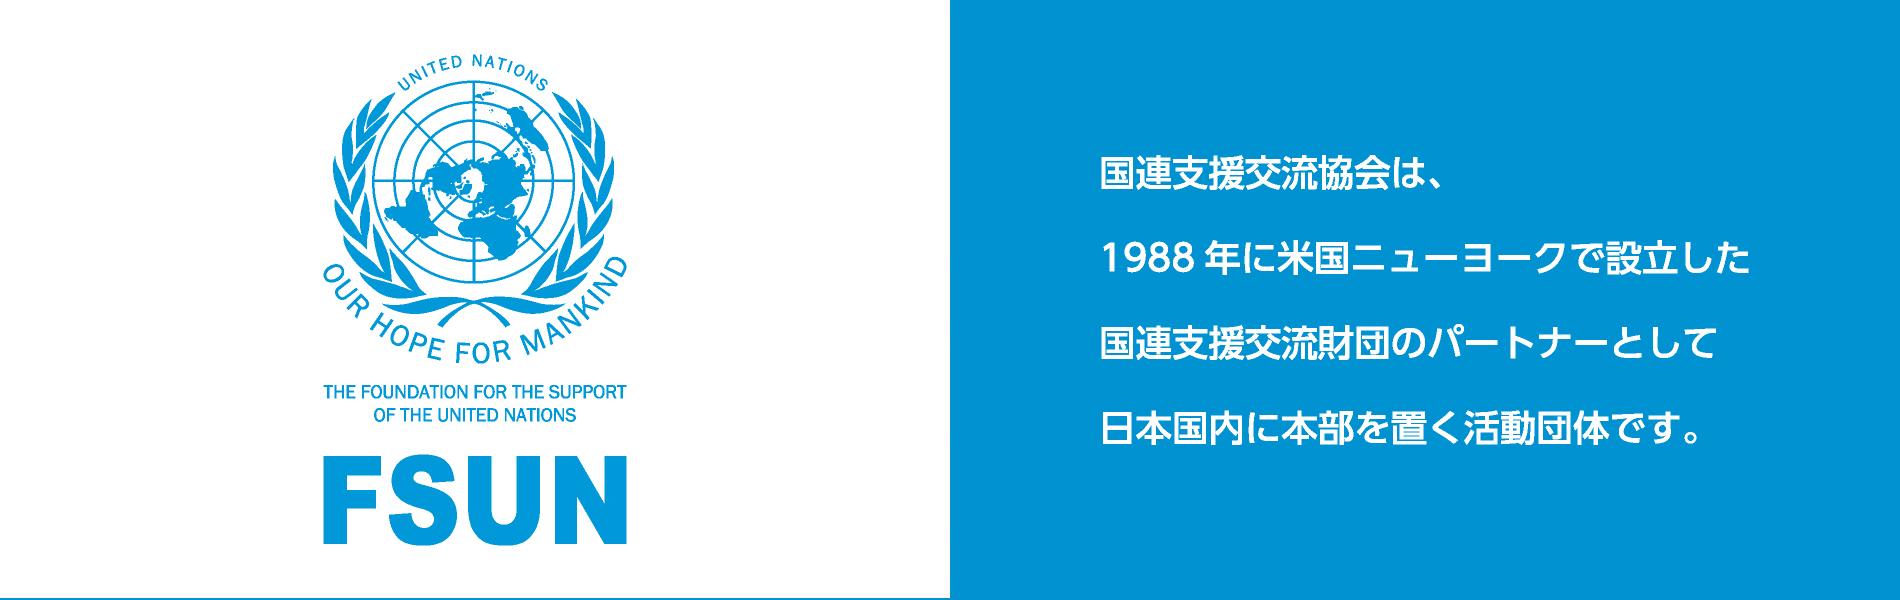 国連支援交流協会は、1988年に米国ニューヨークで創立した国連支援交流財団の日本国内の活動主体であり、唯一の公式パートナーです。